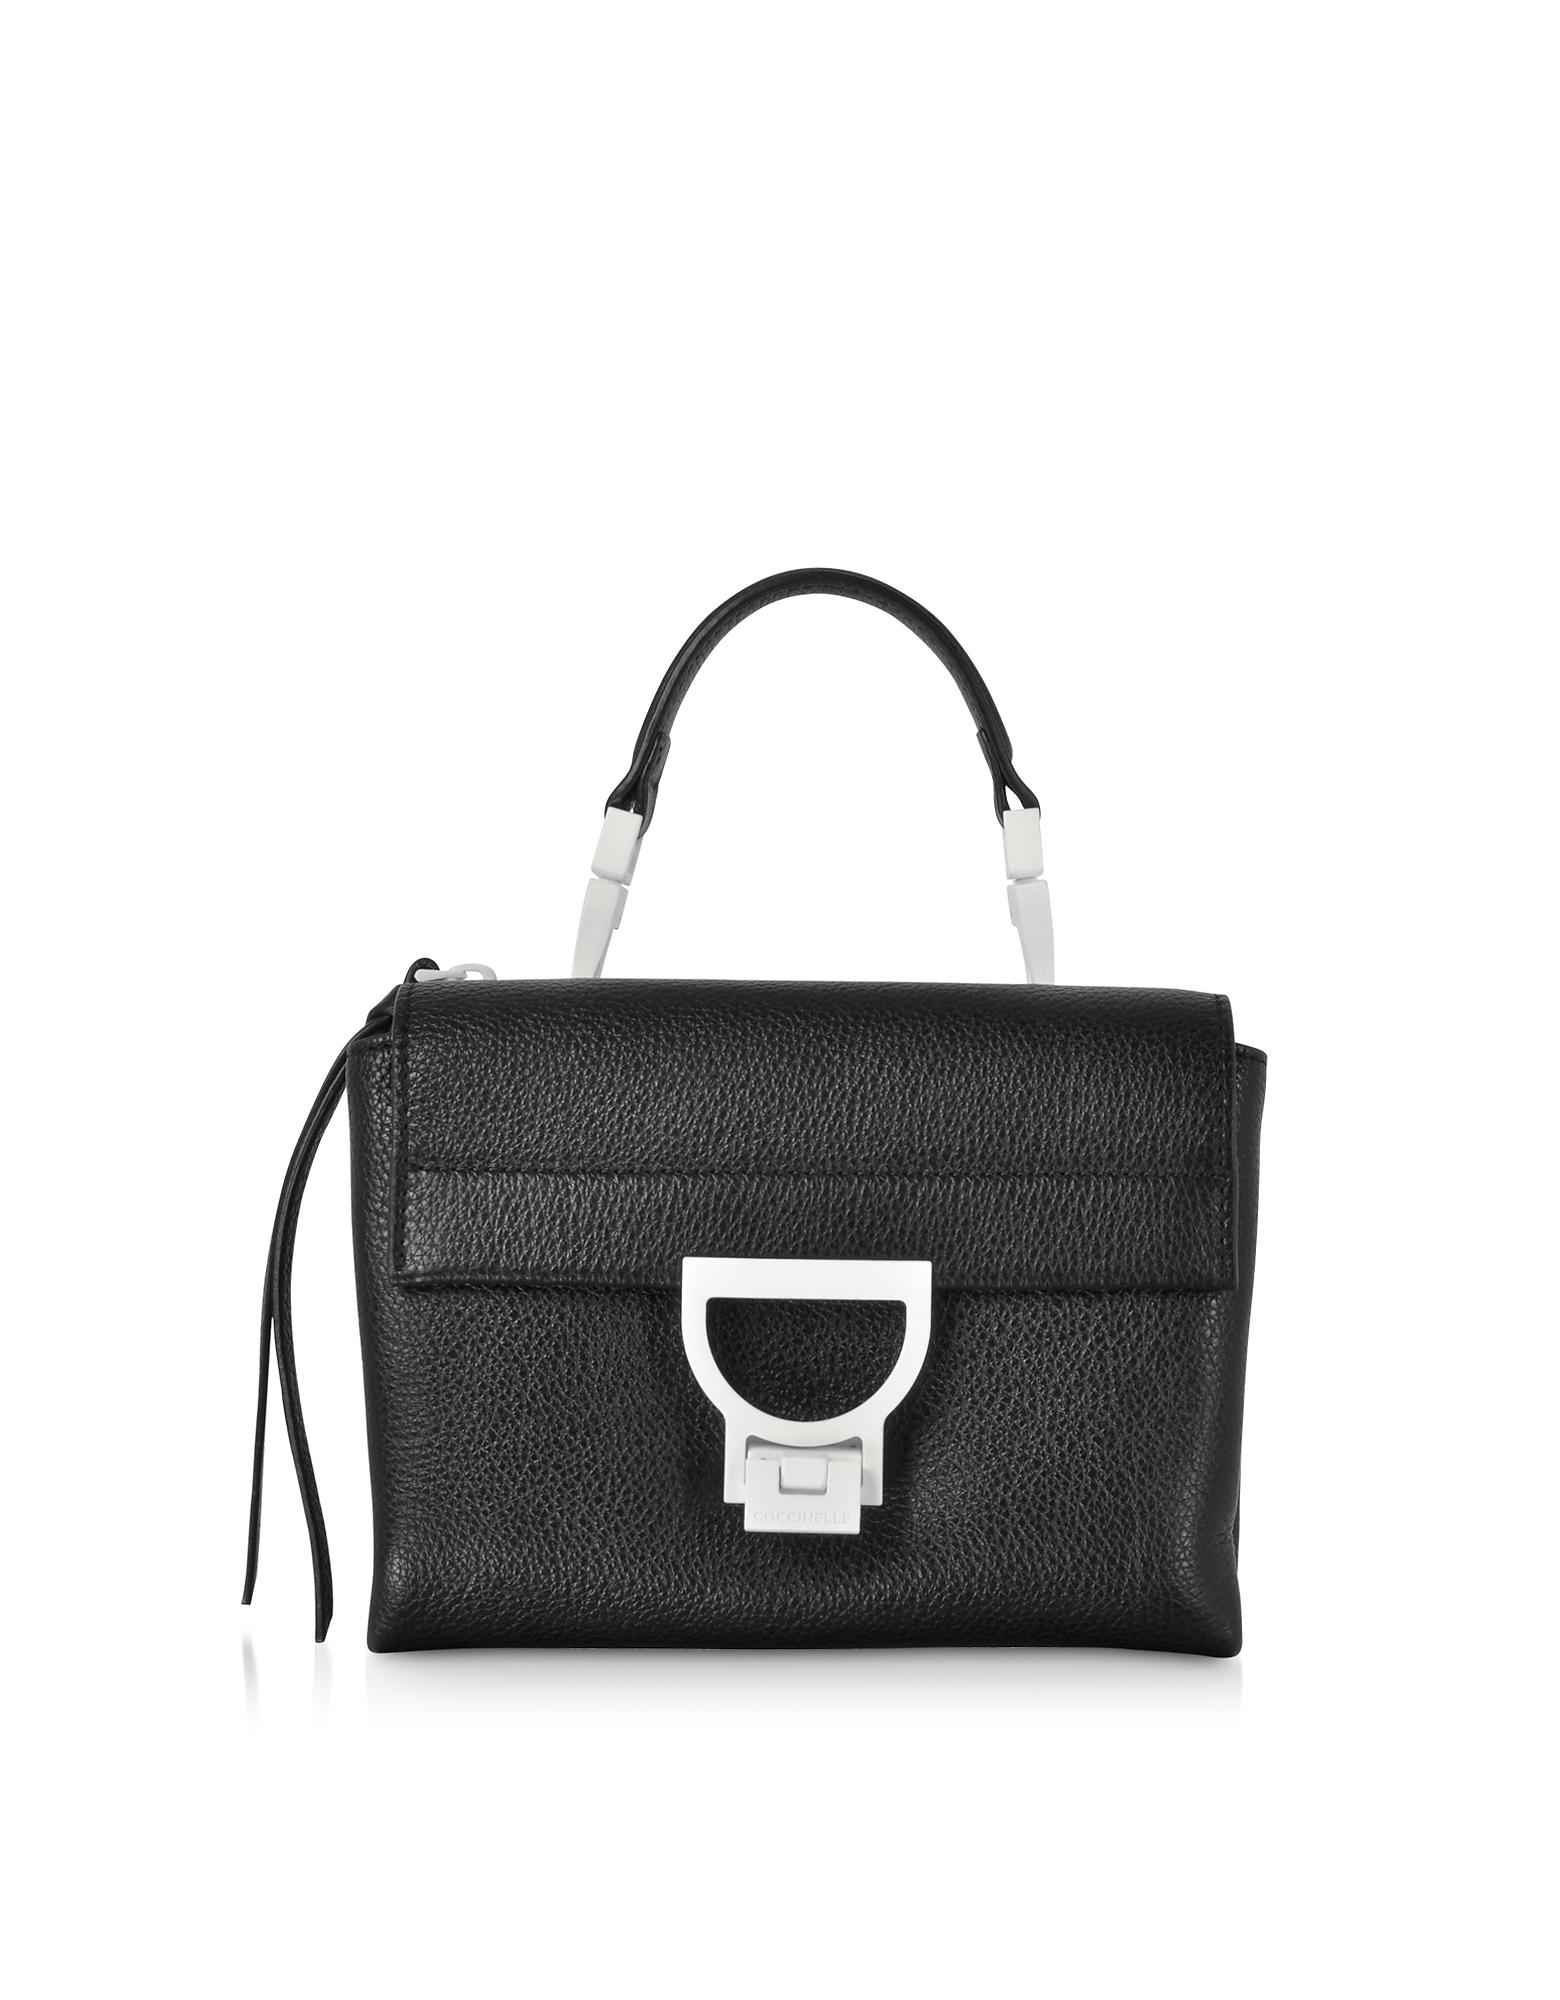 Arlettis Sporty Black Leather Shoulder Bag